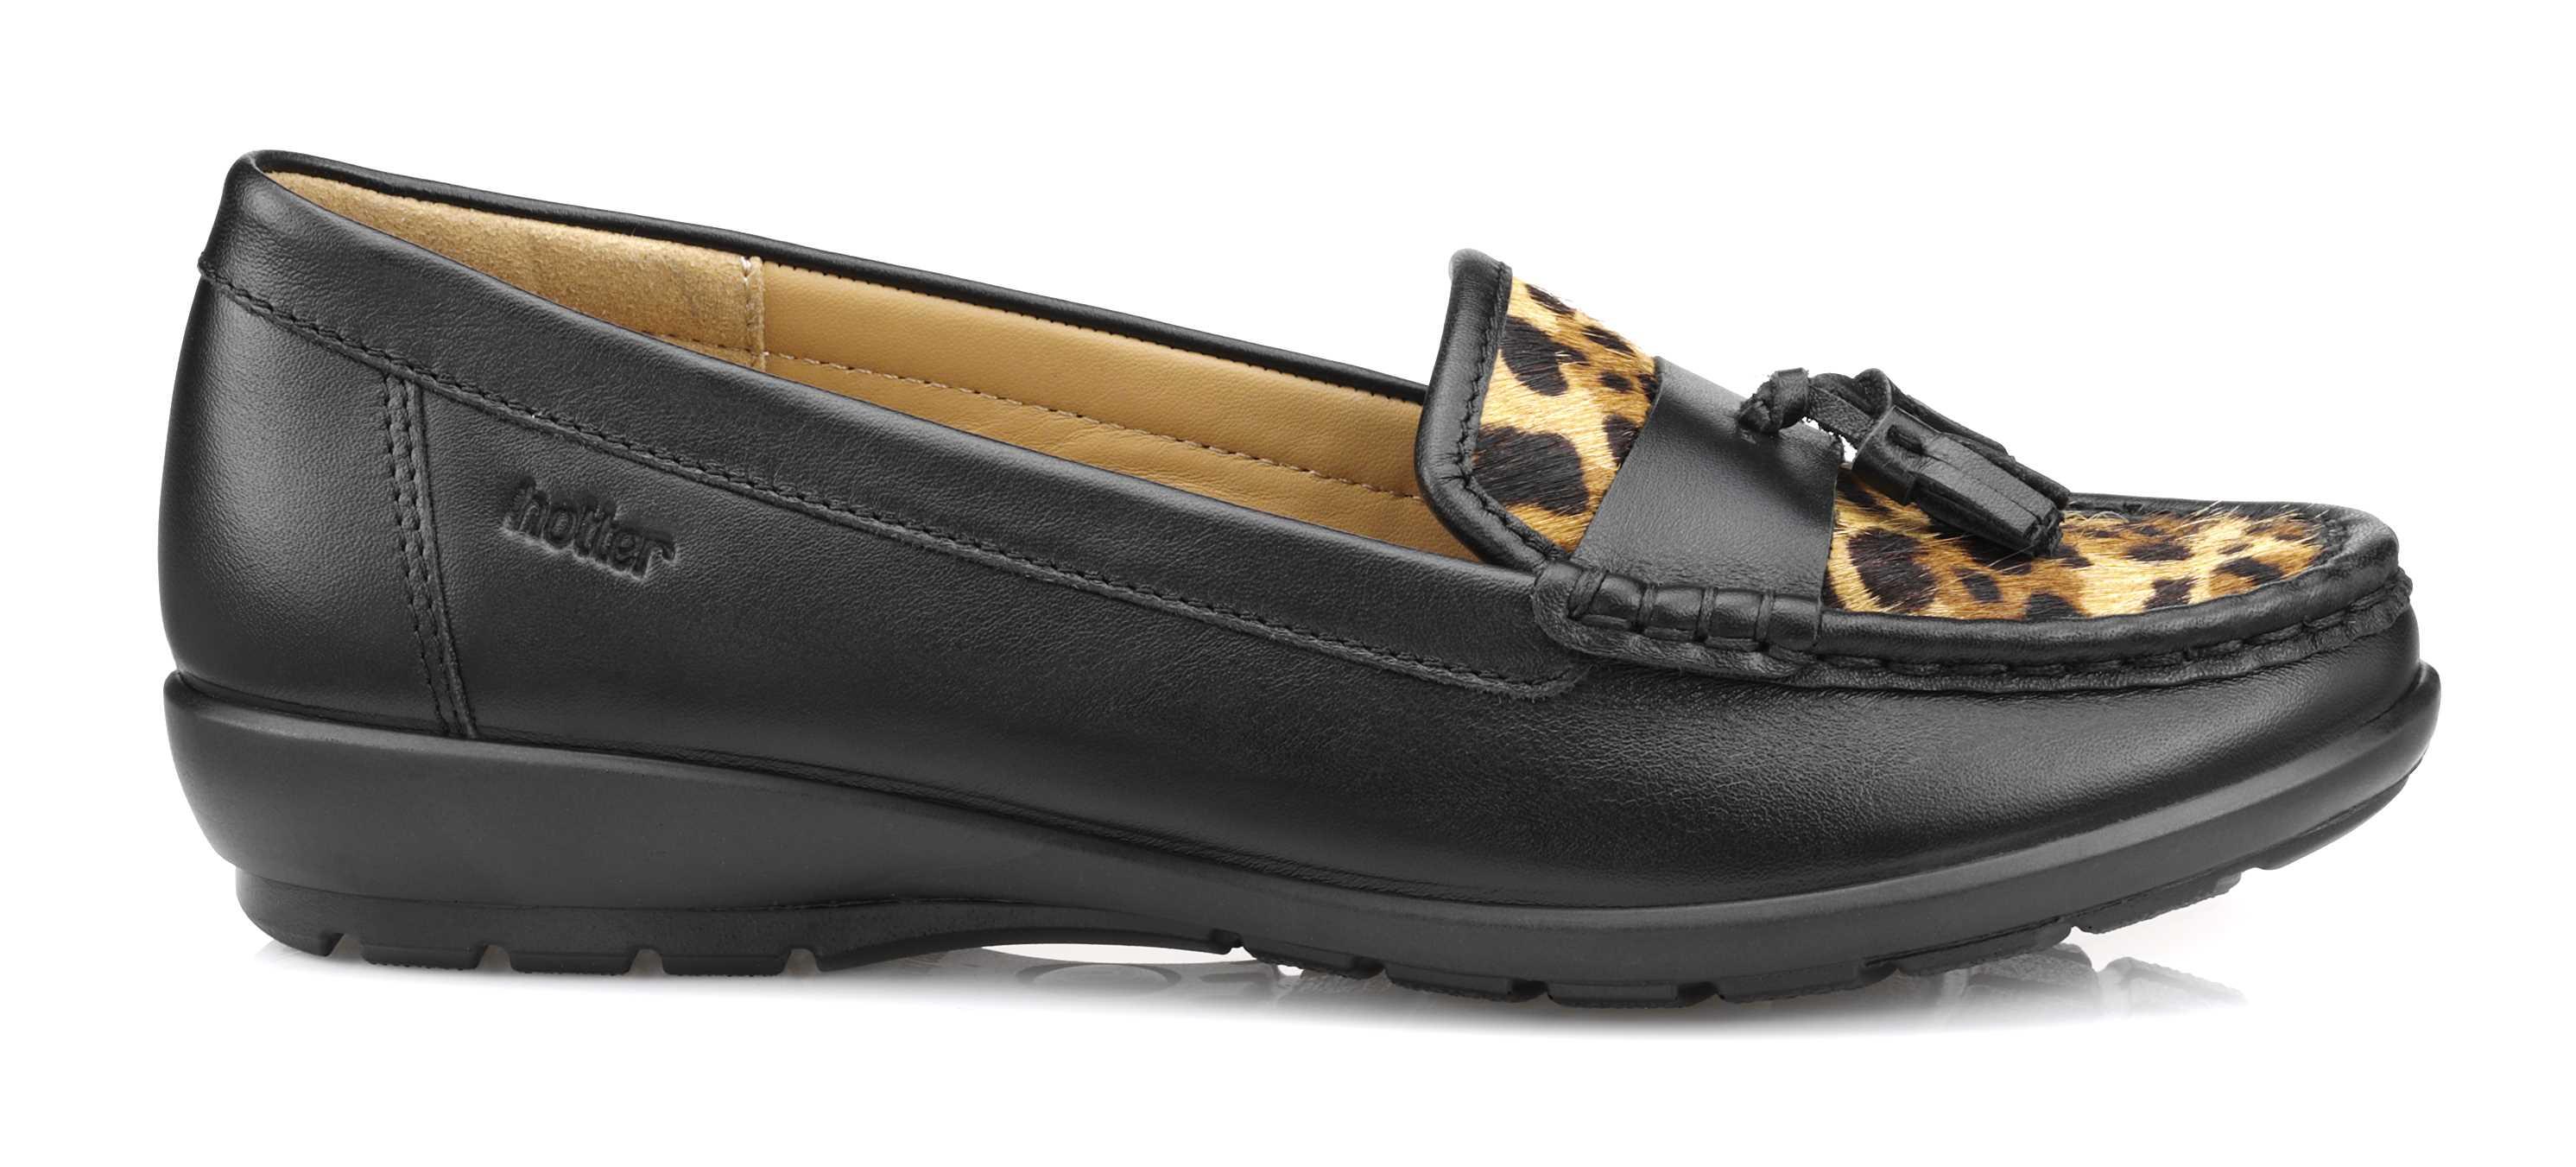 Women's leopard print moccasin